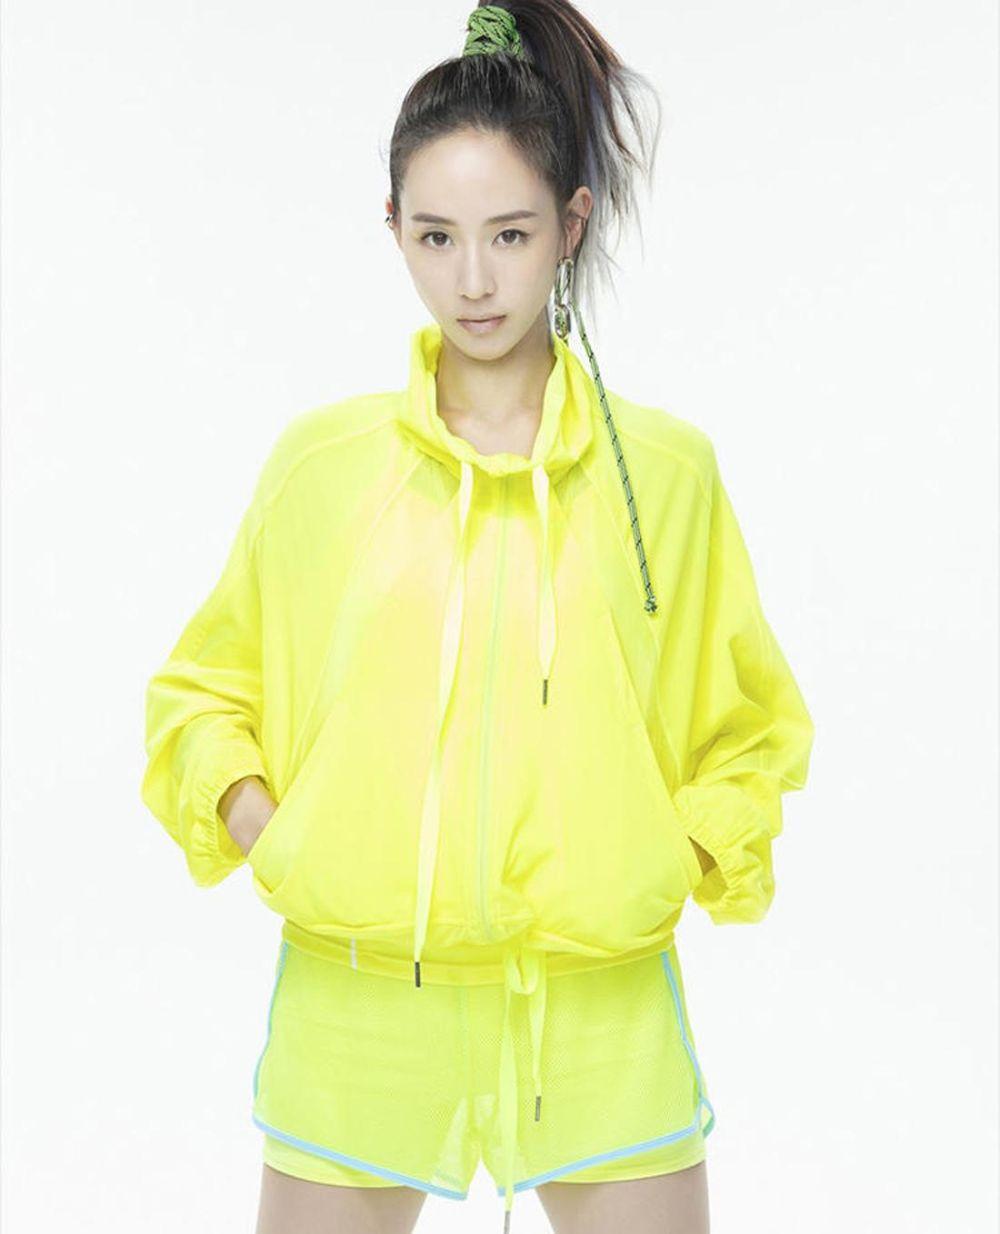 明道代言高科防晒衣美肤衣台湾HOII后益 立体感网眼拉链休闲外套